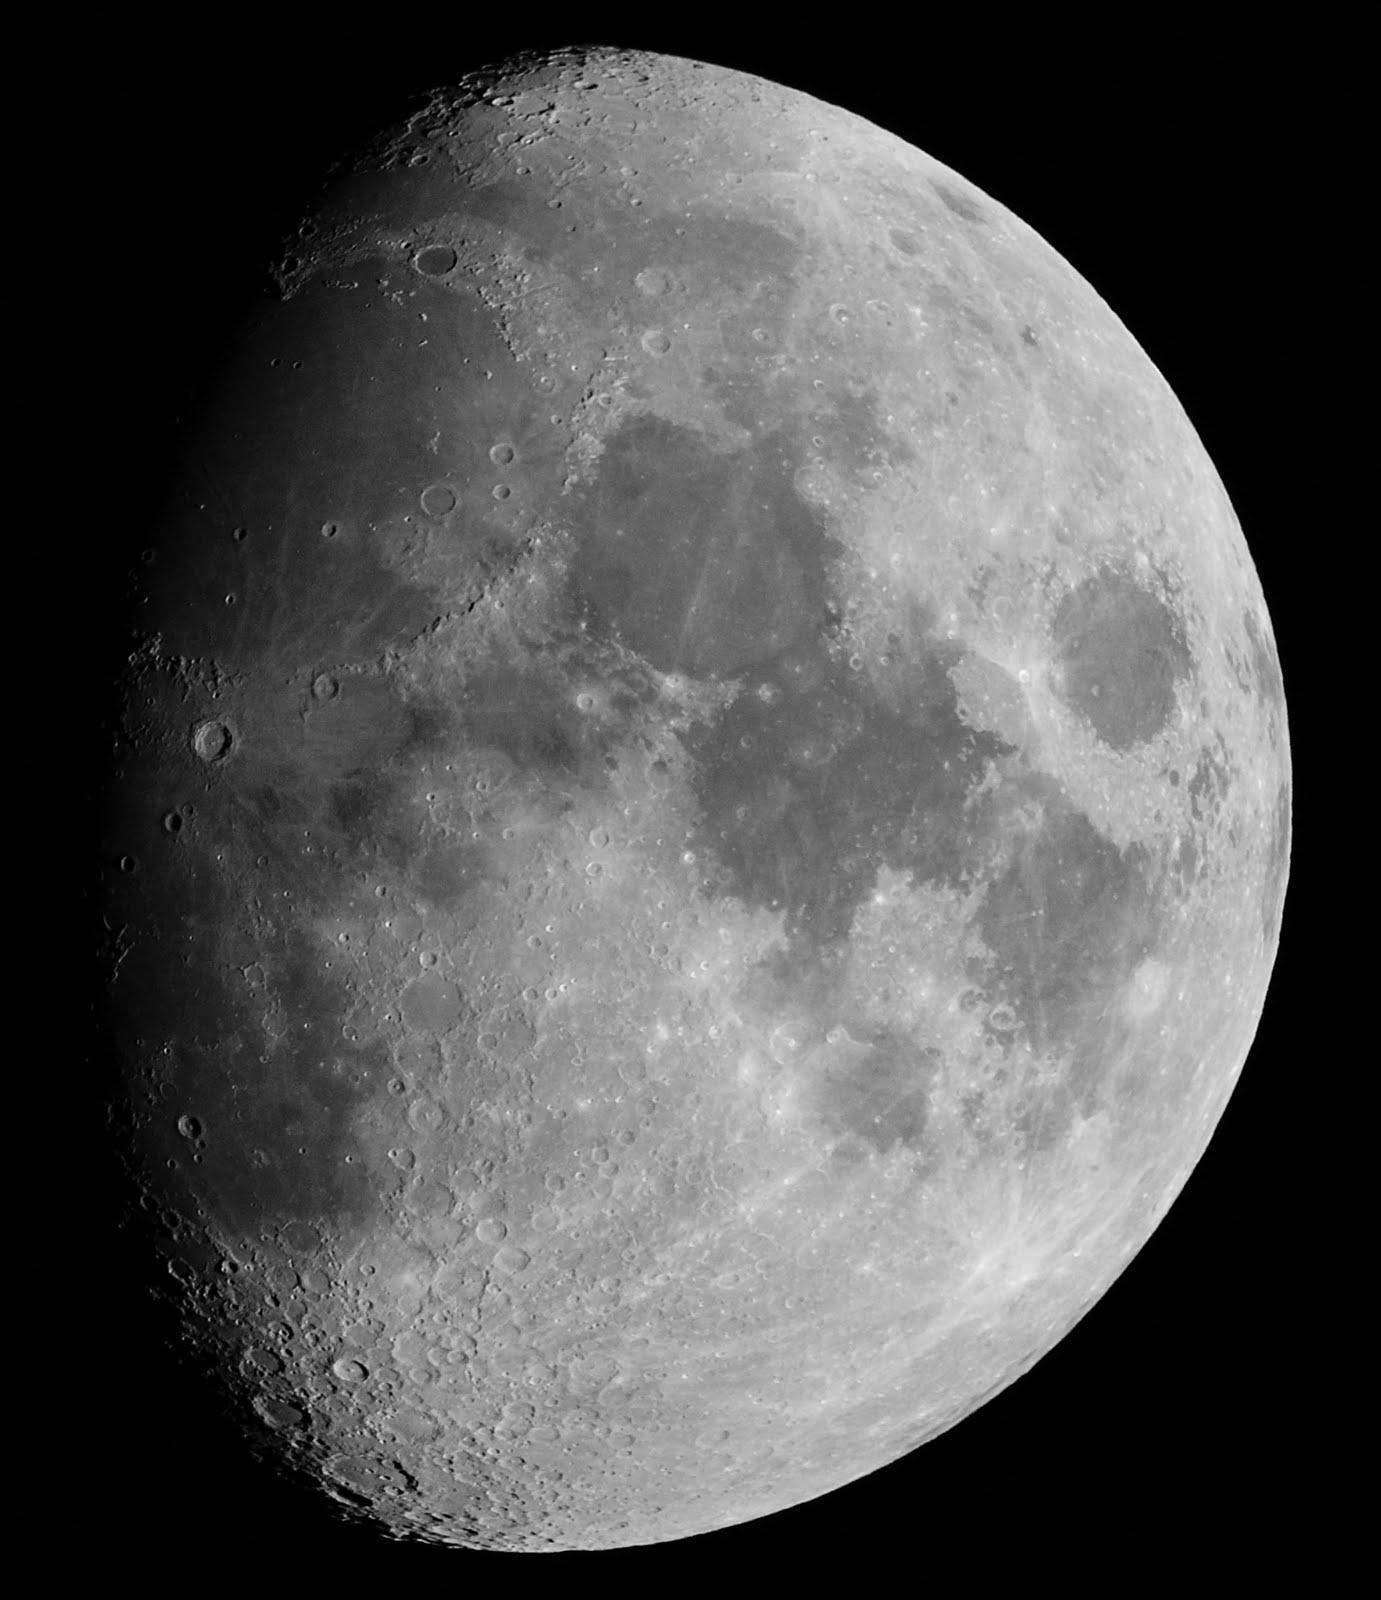 Lco astronomy highlights la luna en cuarto creciente for Cuarto menguante de la luna